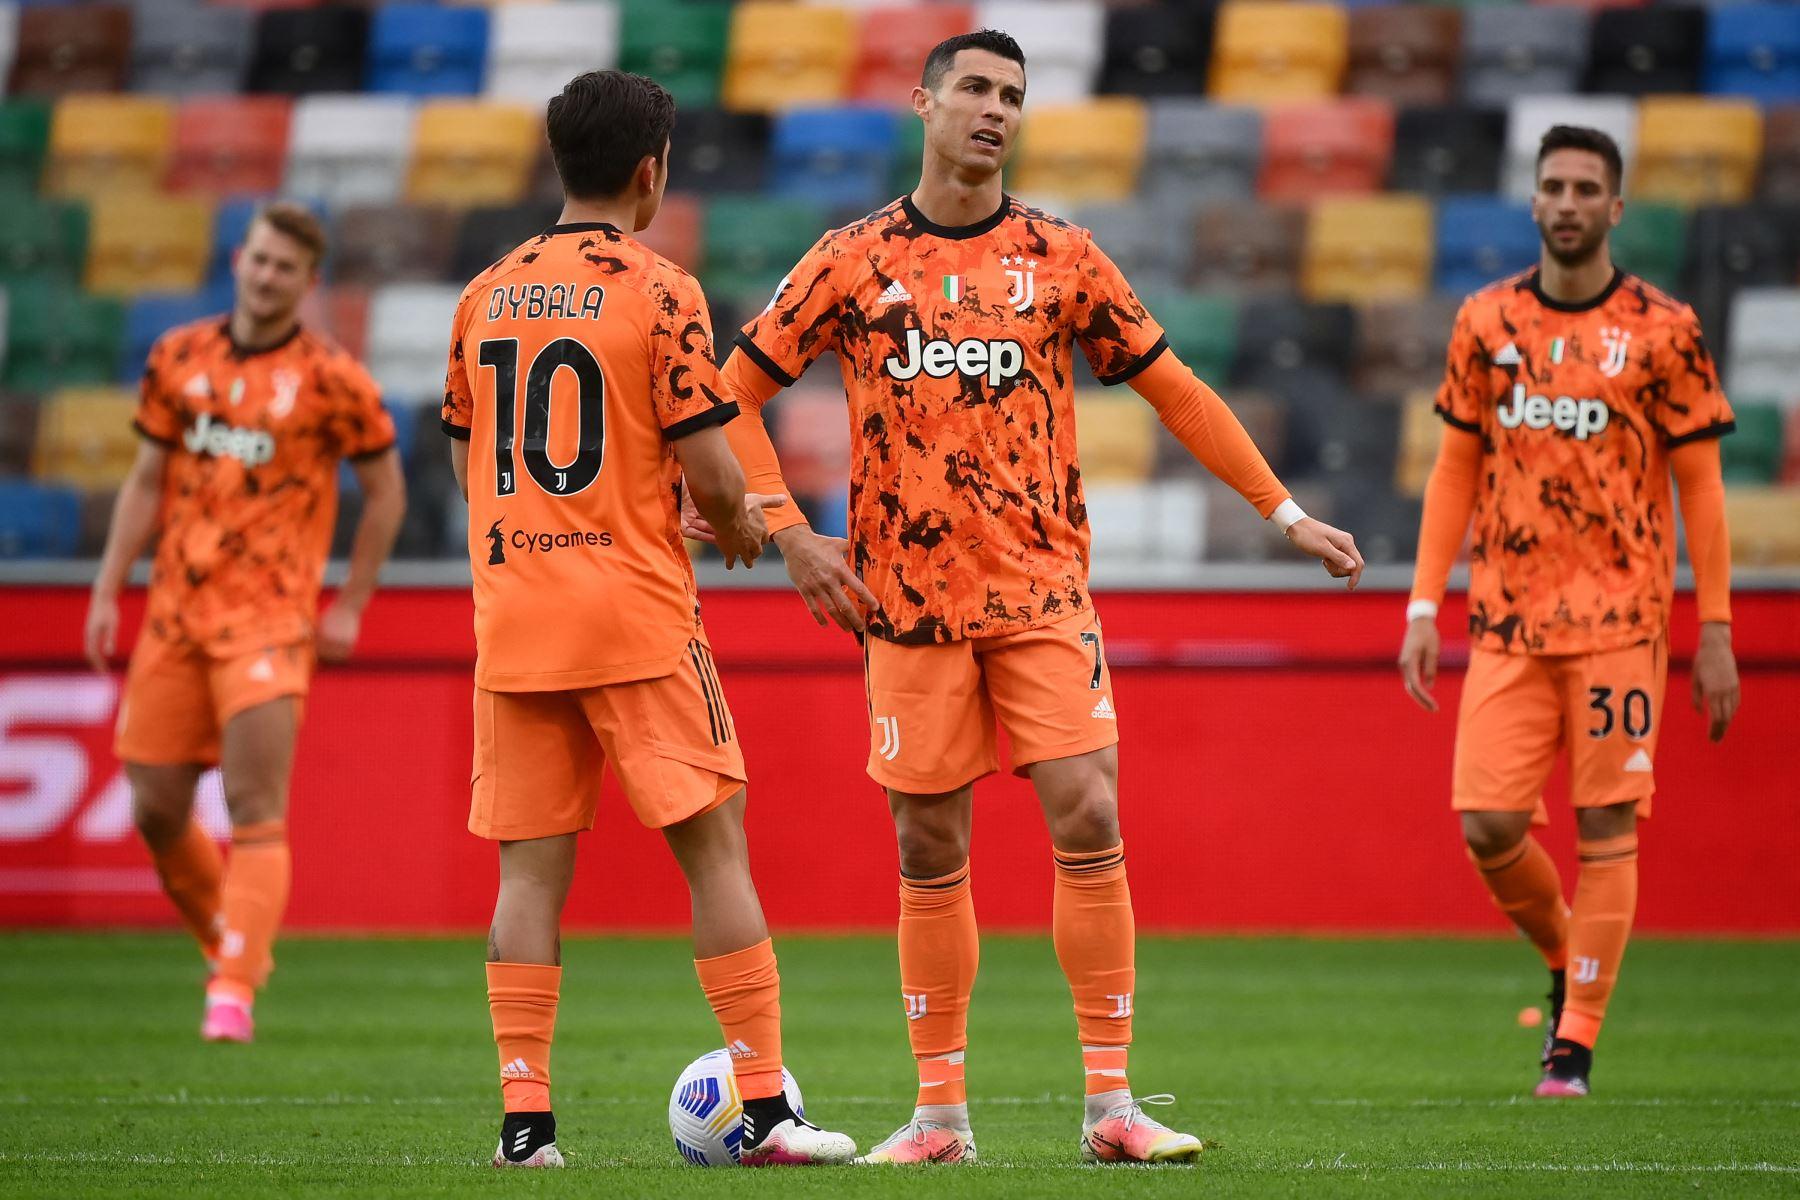 El delantero portugués de la Juventus, Cristiano Ronaldo , reacciona mientras habla con el delantero argentino de la Juventus, Paulo Dybala, durante el partido de fútbol de la Serie A italiana entre el Udinese y la Juventus. Foto: AFP